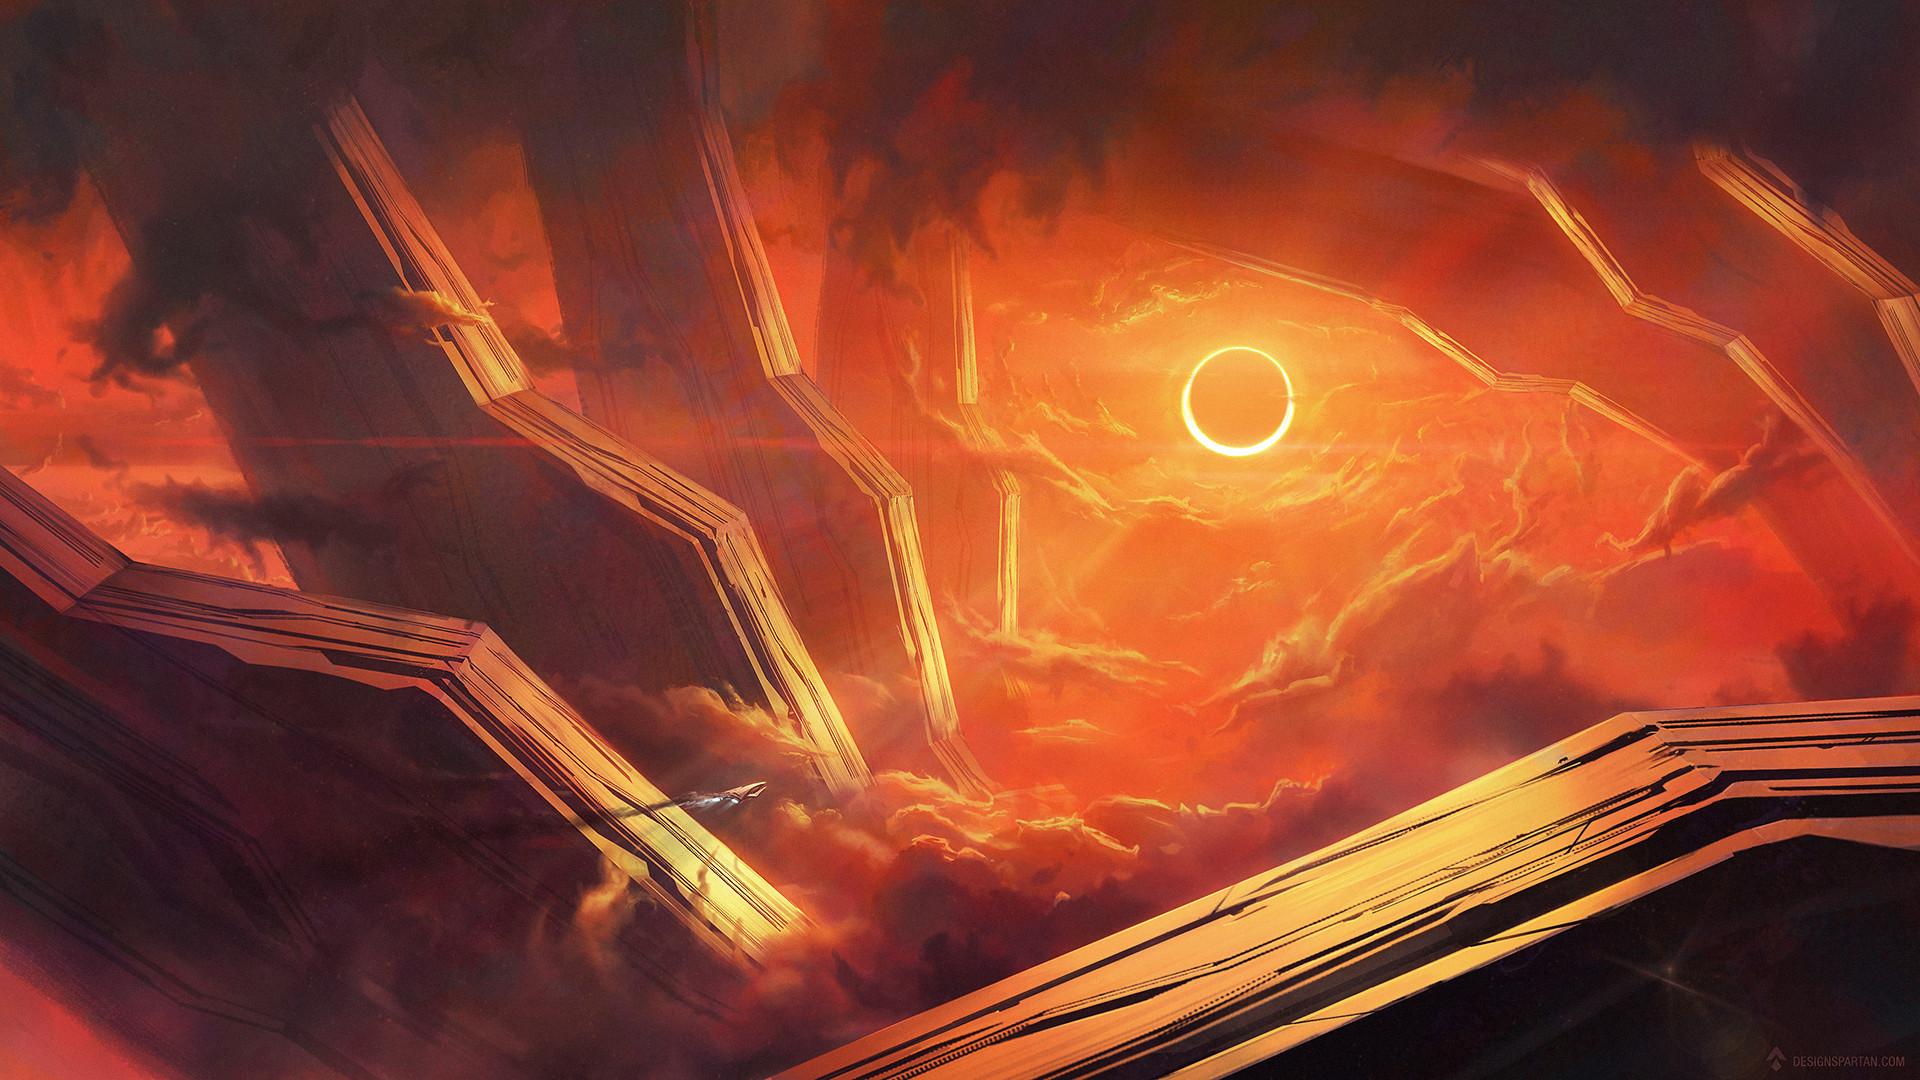 Gaetan weltzer speed painting eclipse9s